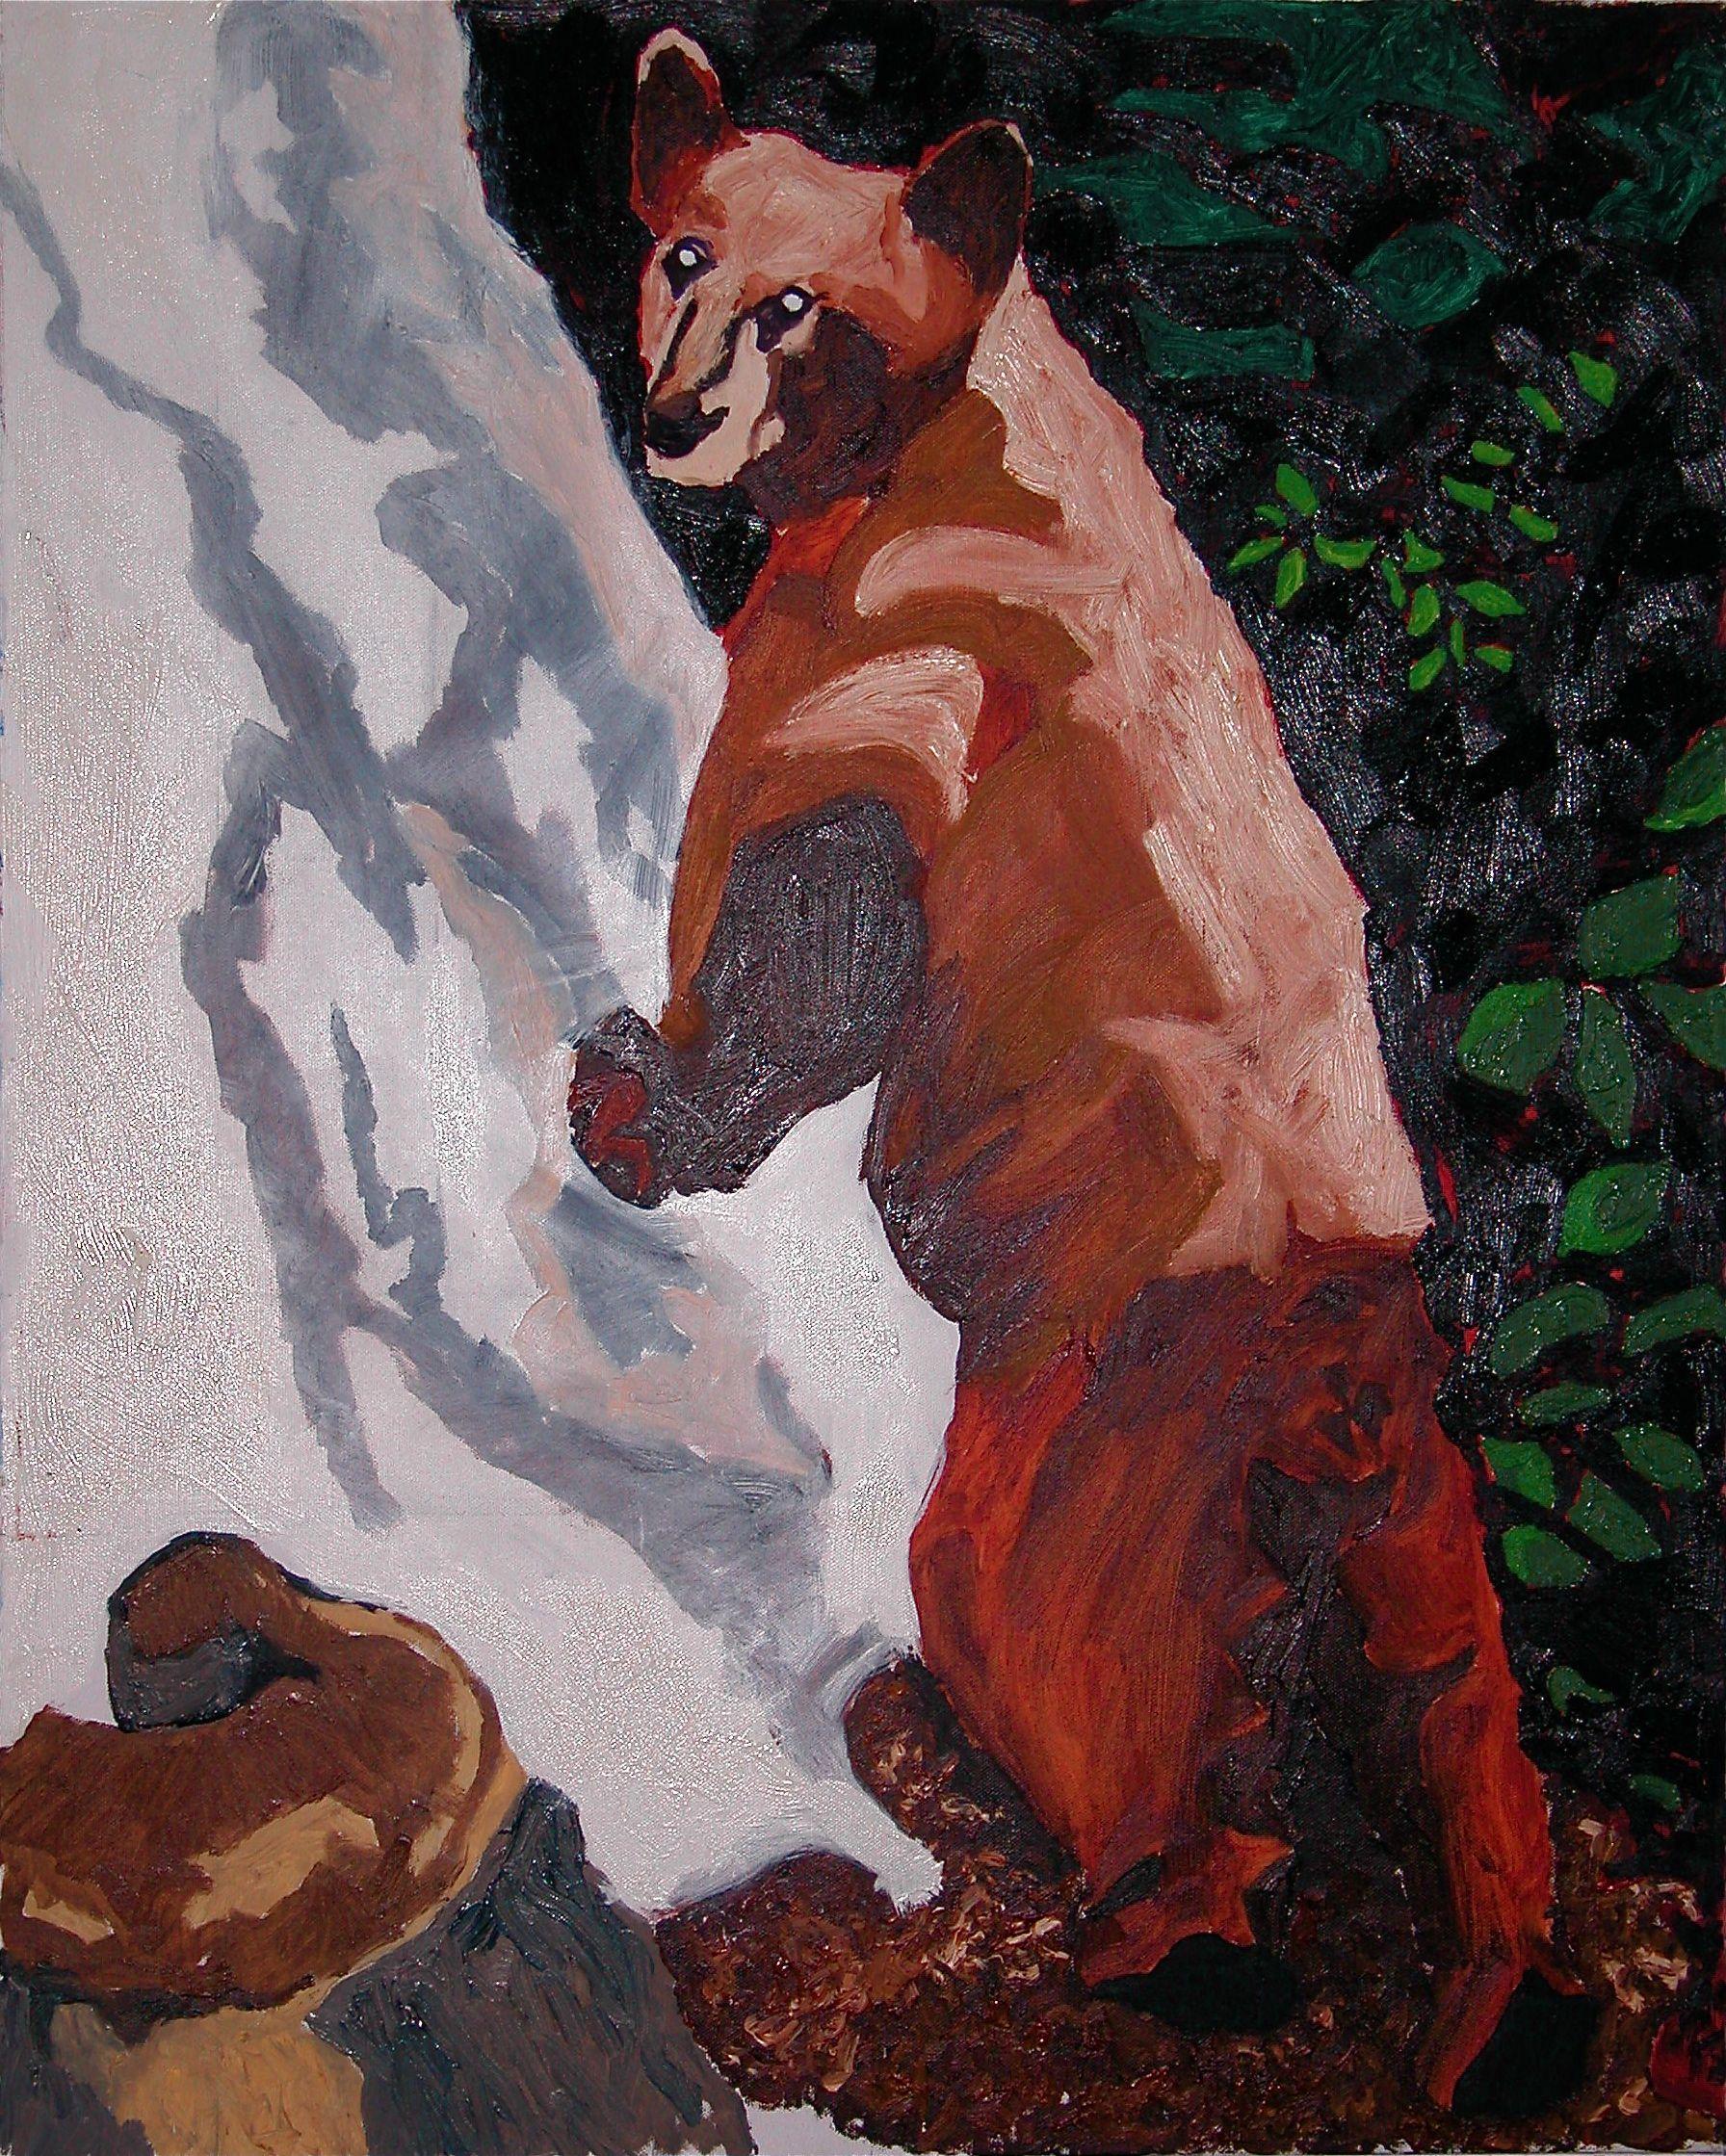 Backyard Bear #2